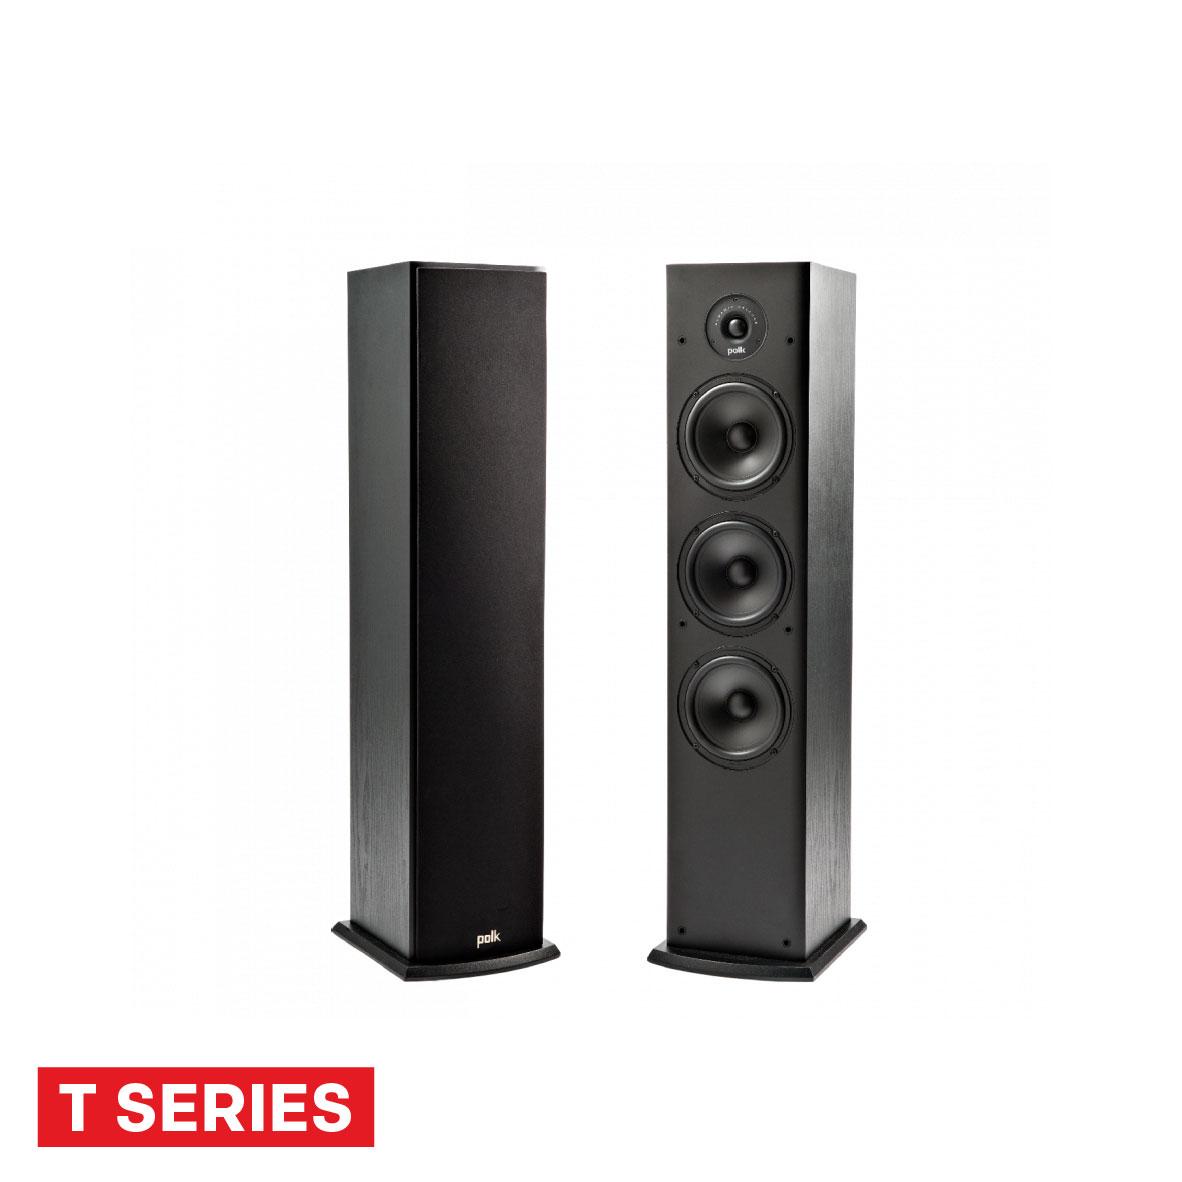 Polk Audio T Series  Đông Thành - Hòa Phúc